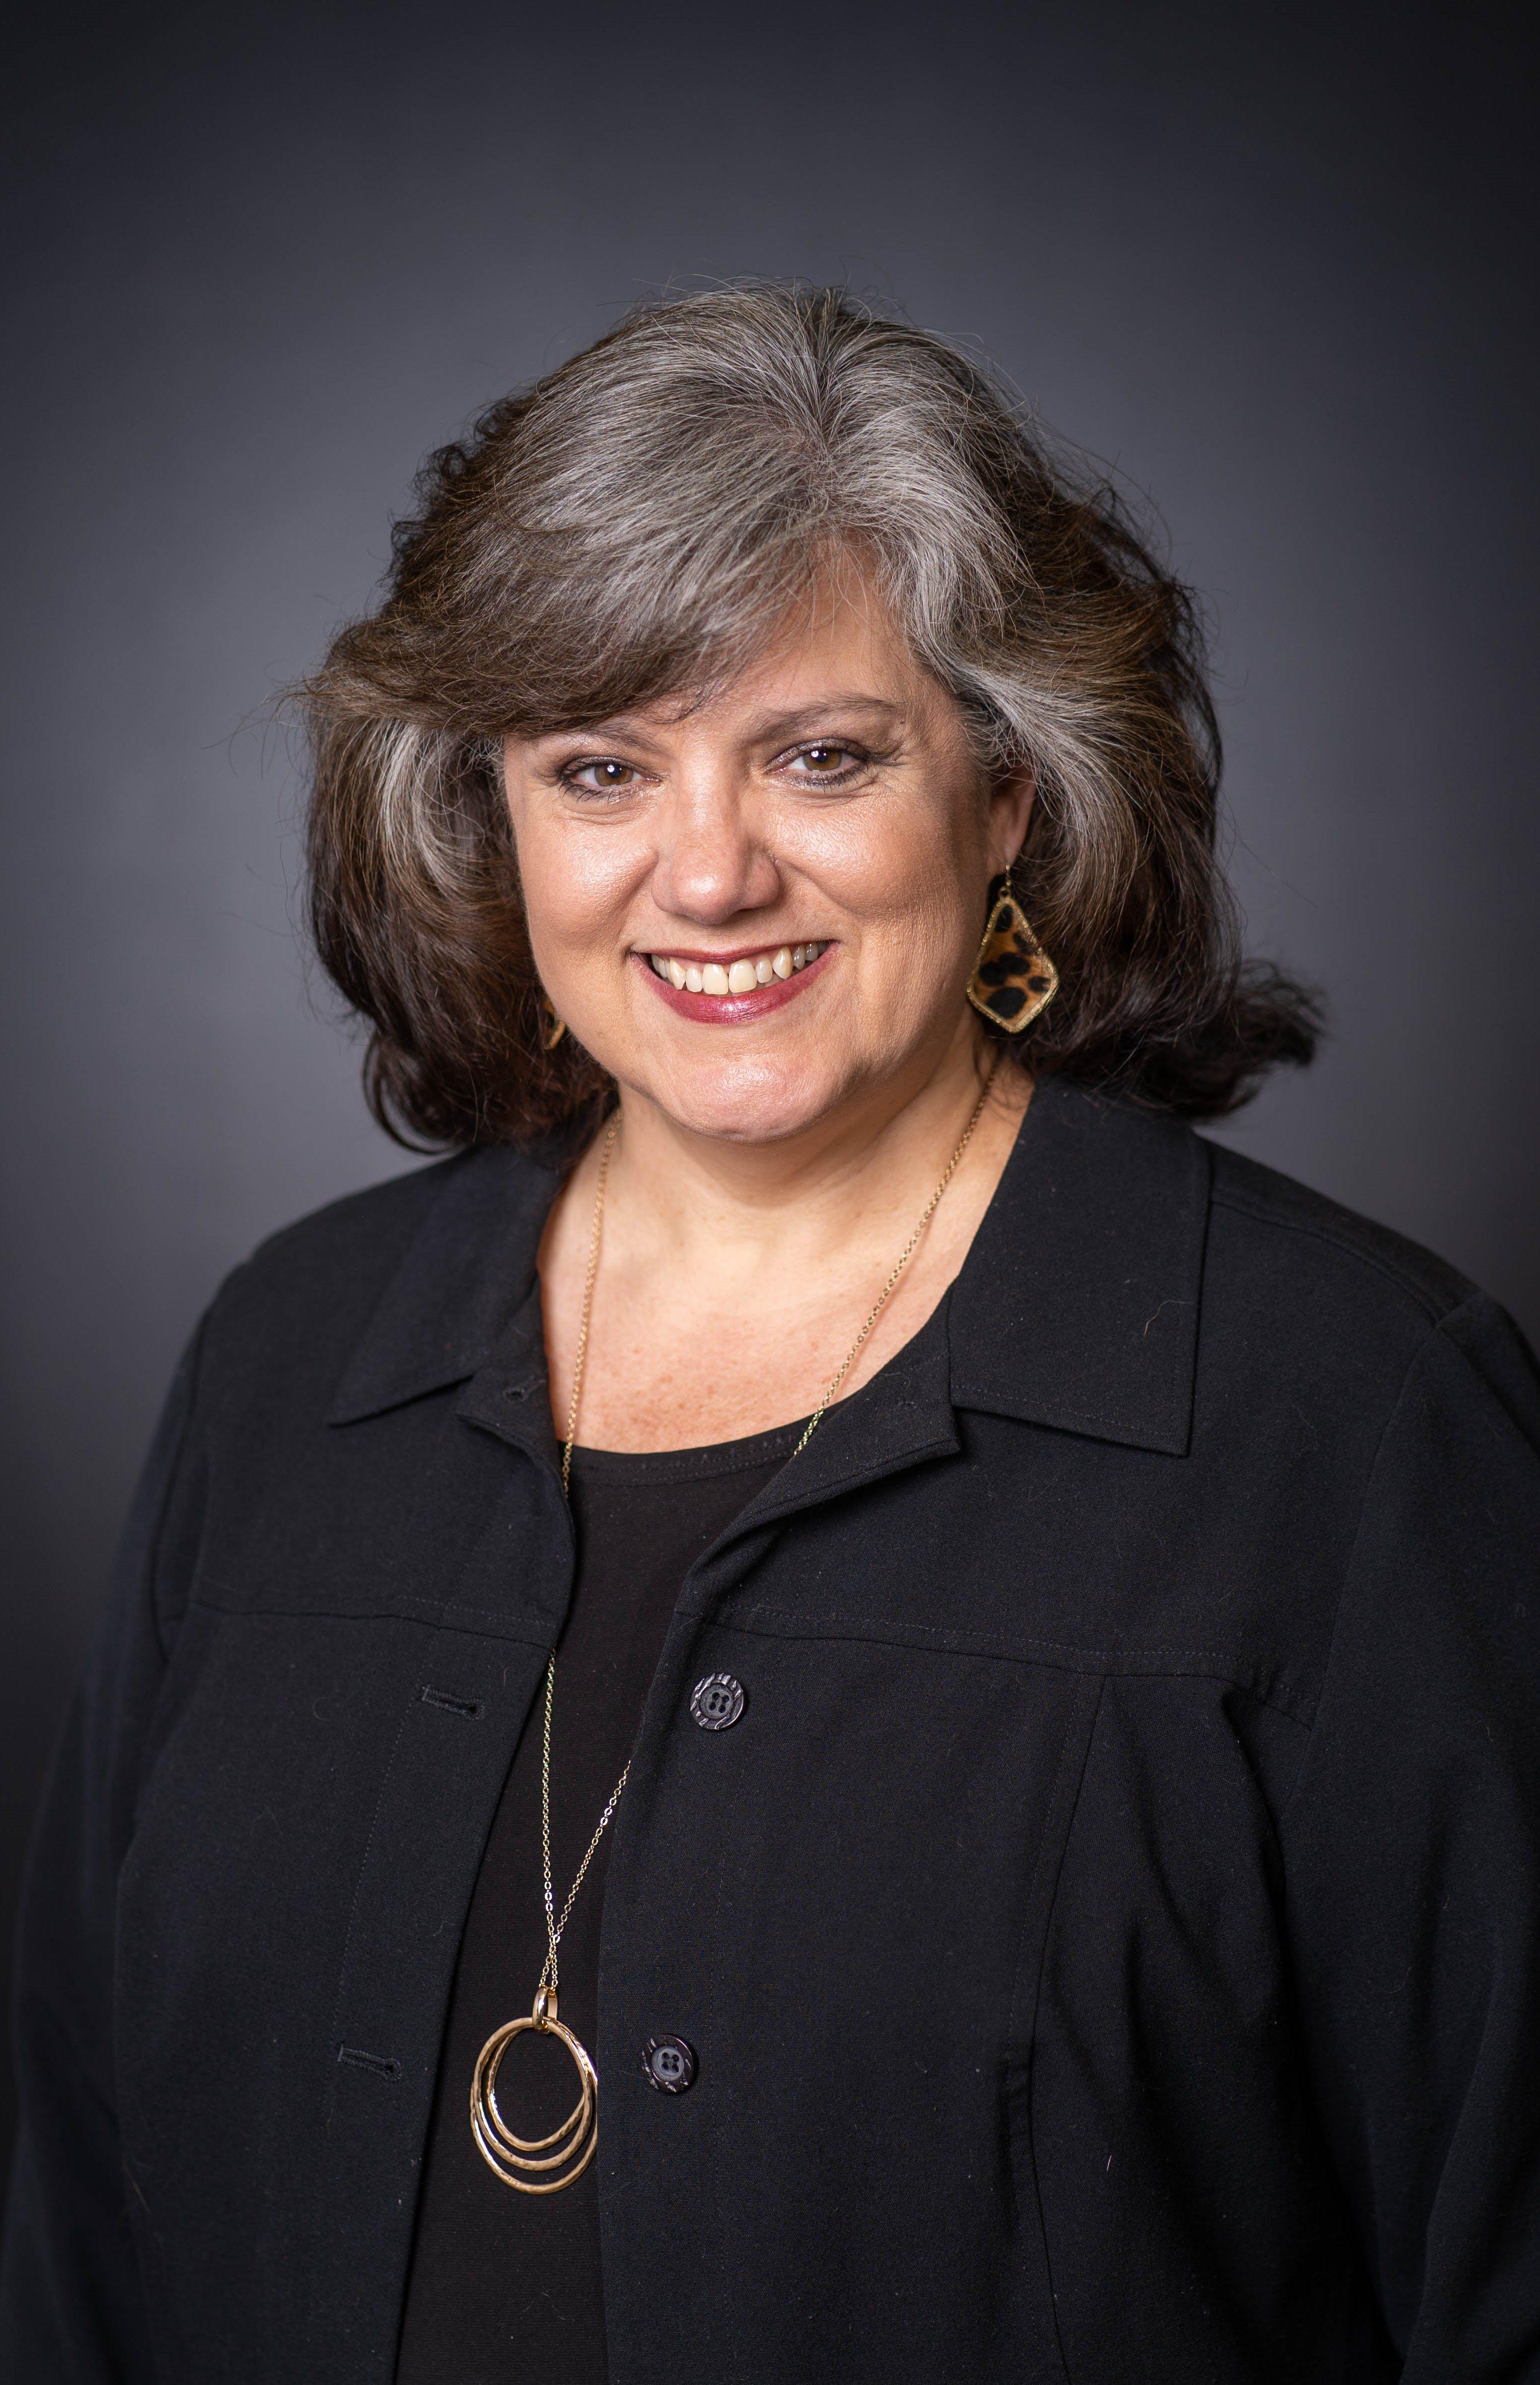 Cindy Warner, APR